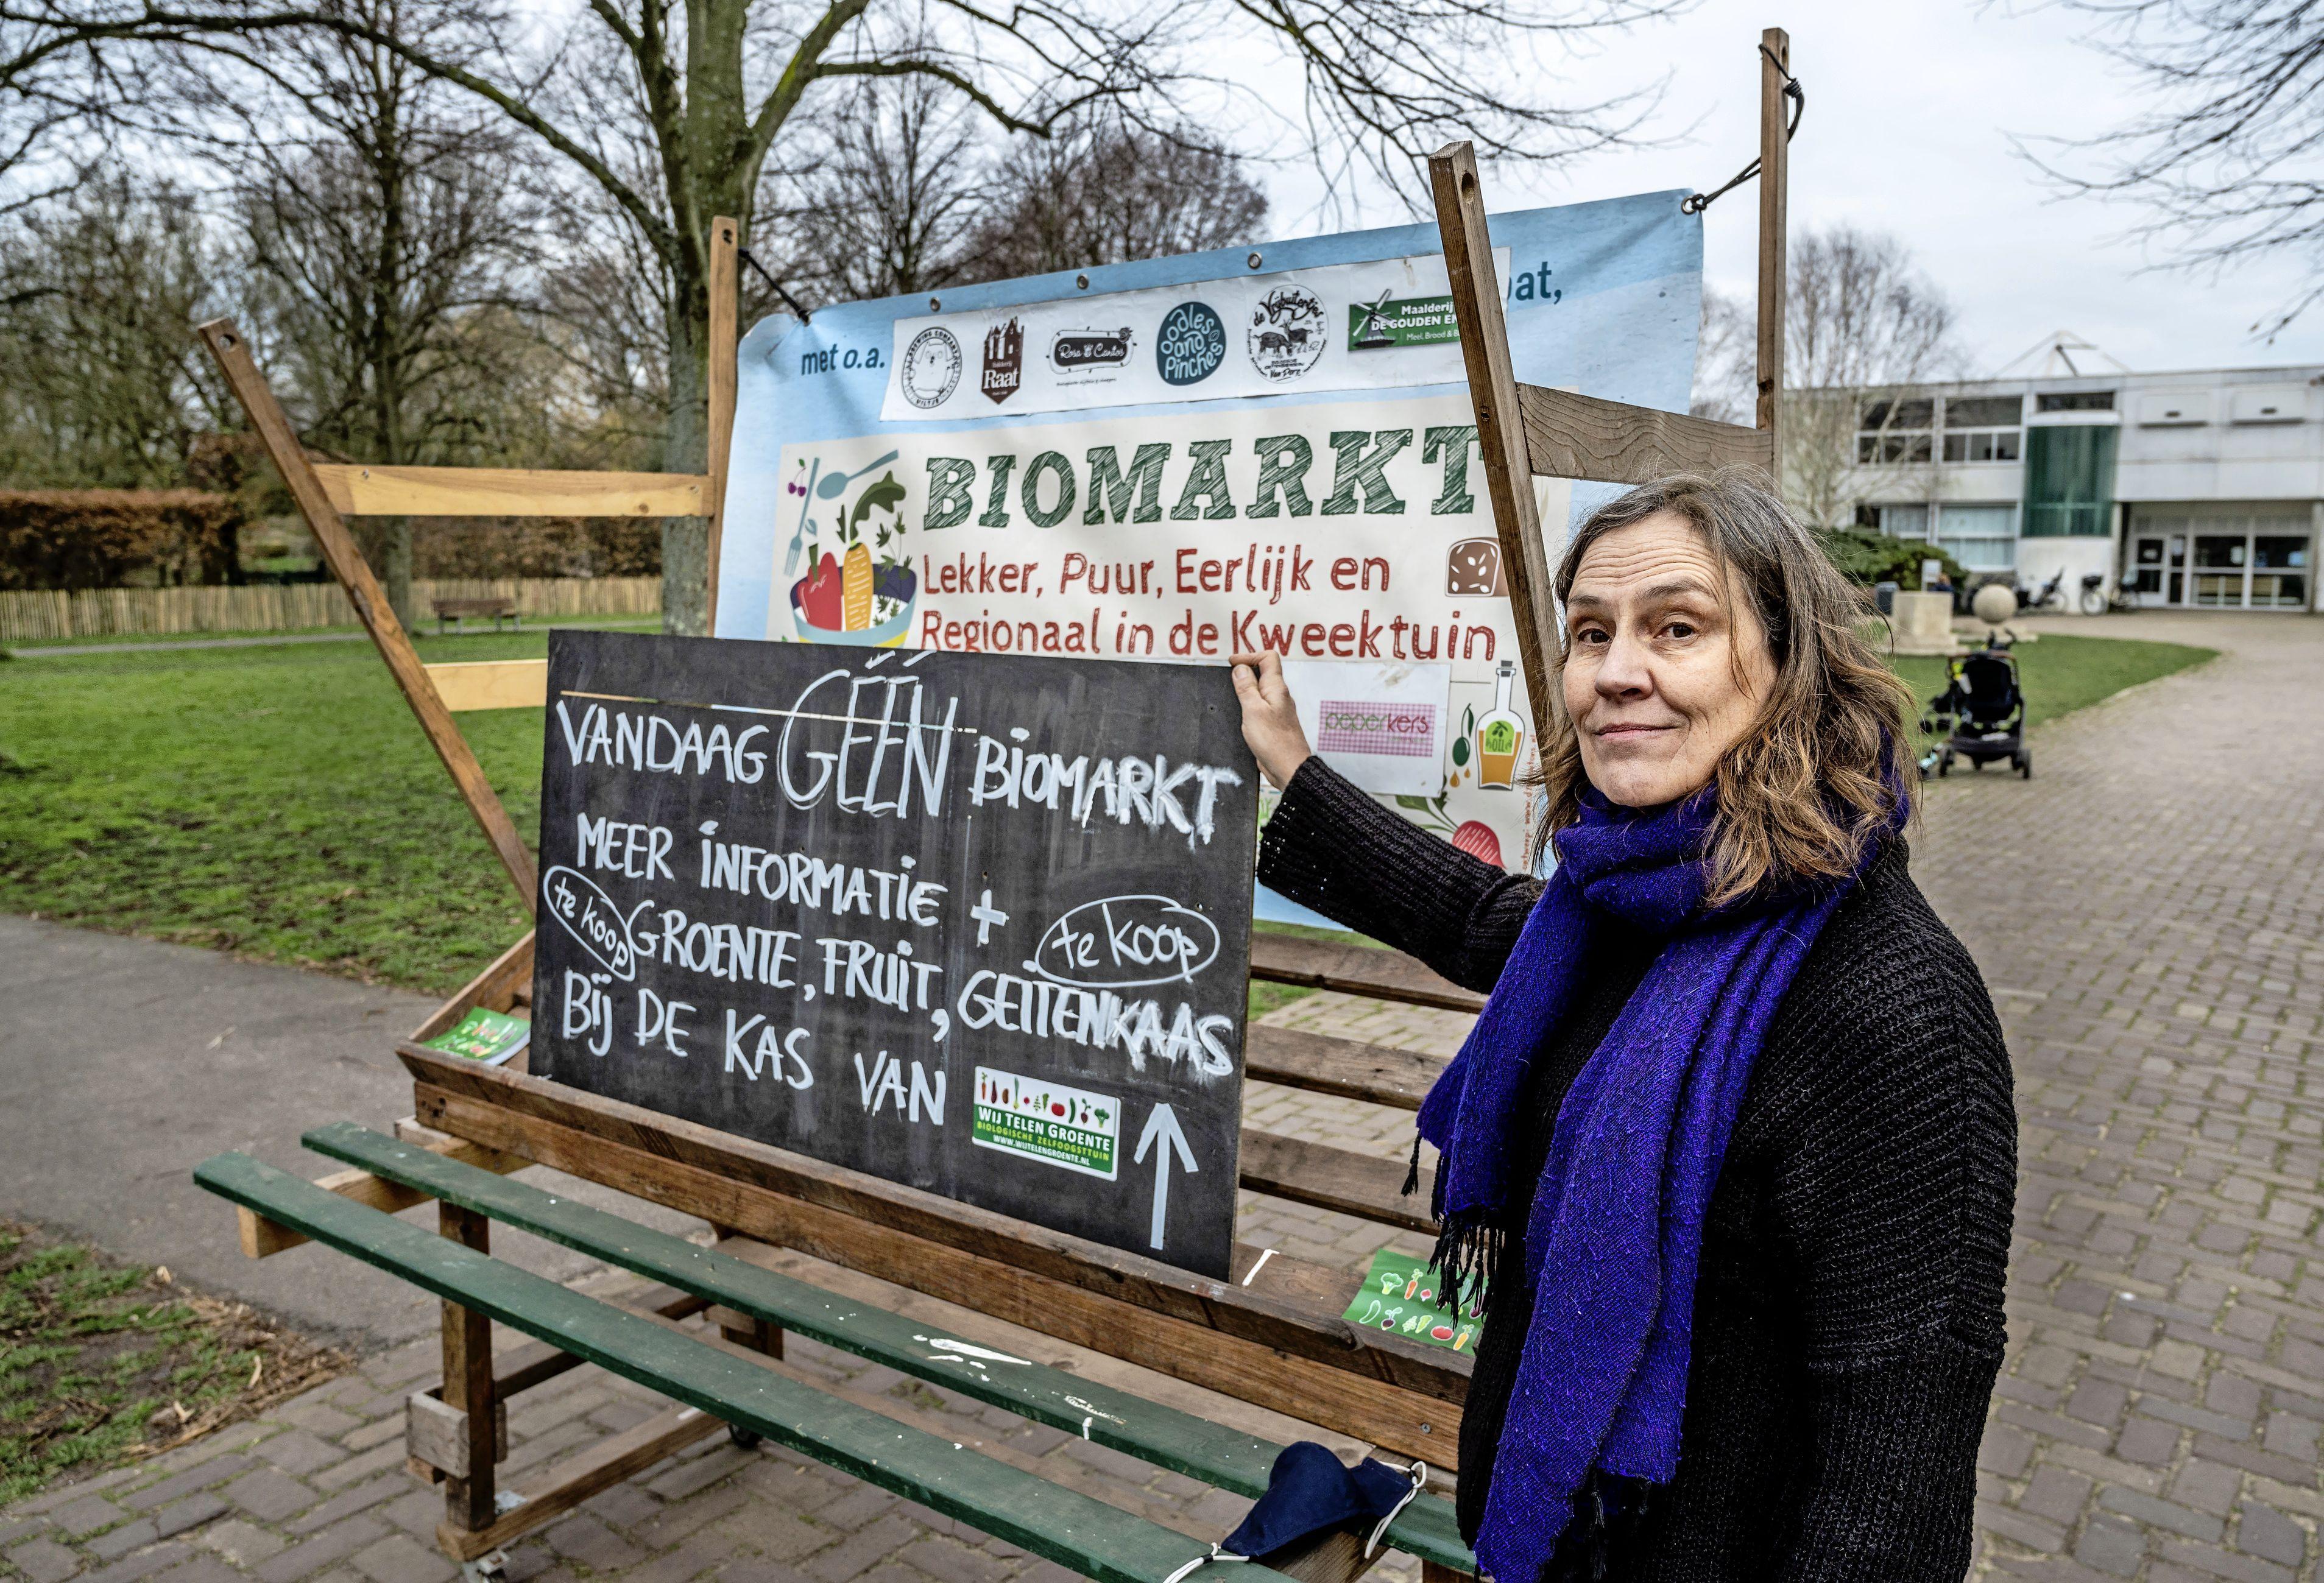 Gemeente verbiedt op laatste moment Haarlemse Biomarkt, onverkochte empanada's, chutneys en oesterzwammen